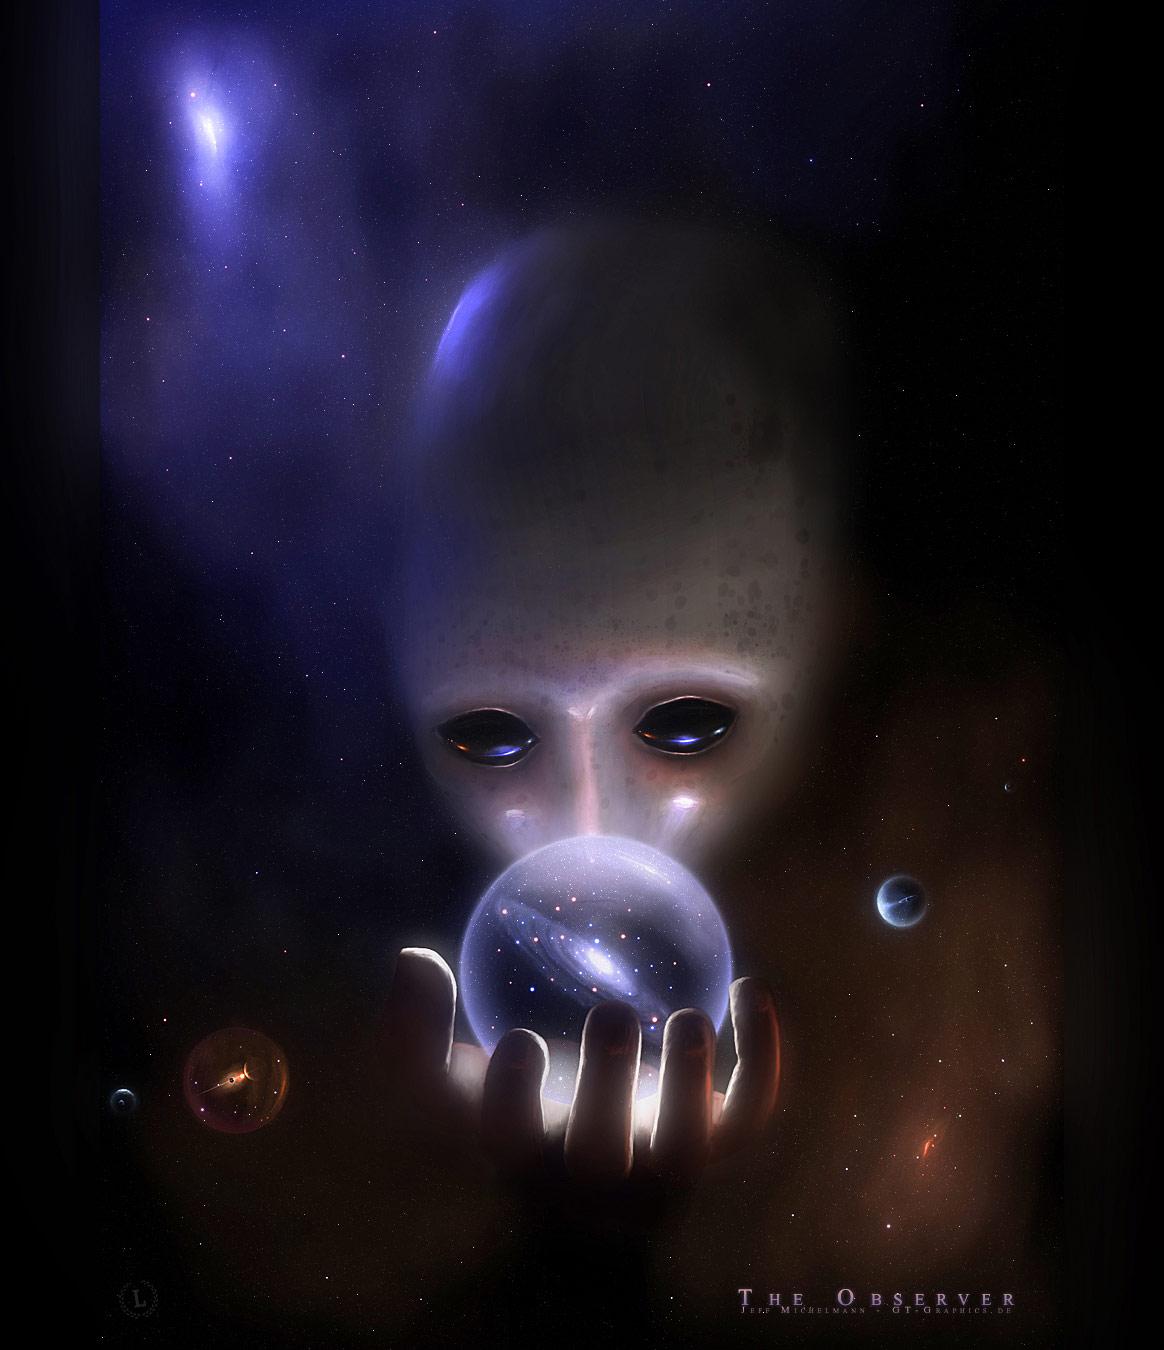 Γιούνκερ, οι ηγέτες άλλων πλανητών μας παρακολουθούν, εξωγήινοι, the_observer_by_gucken